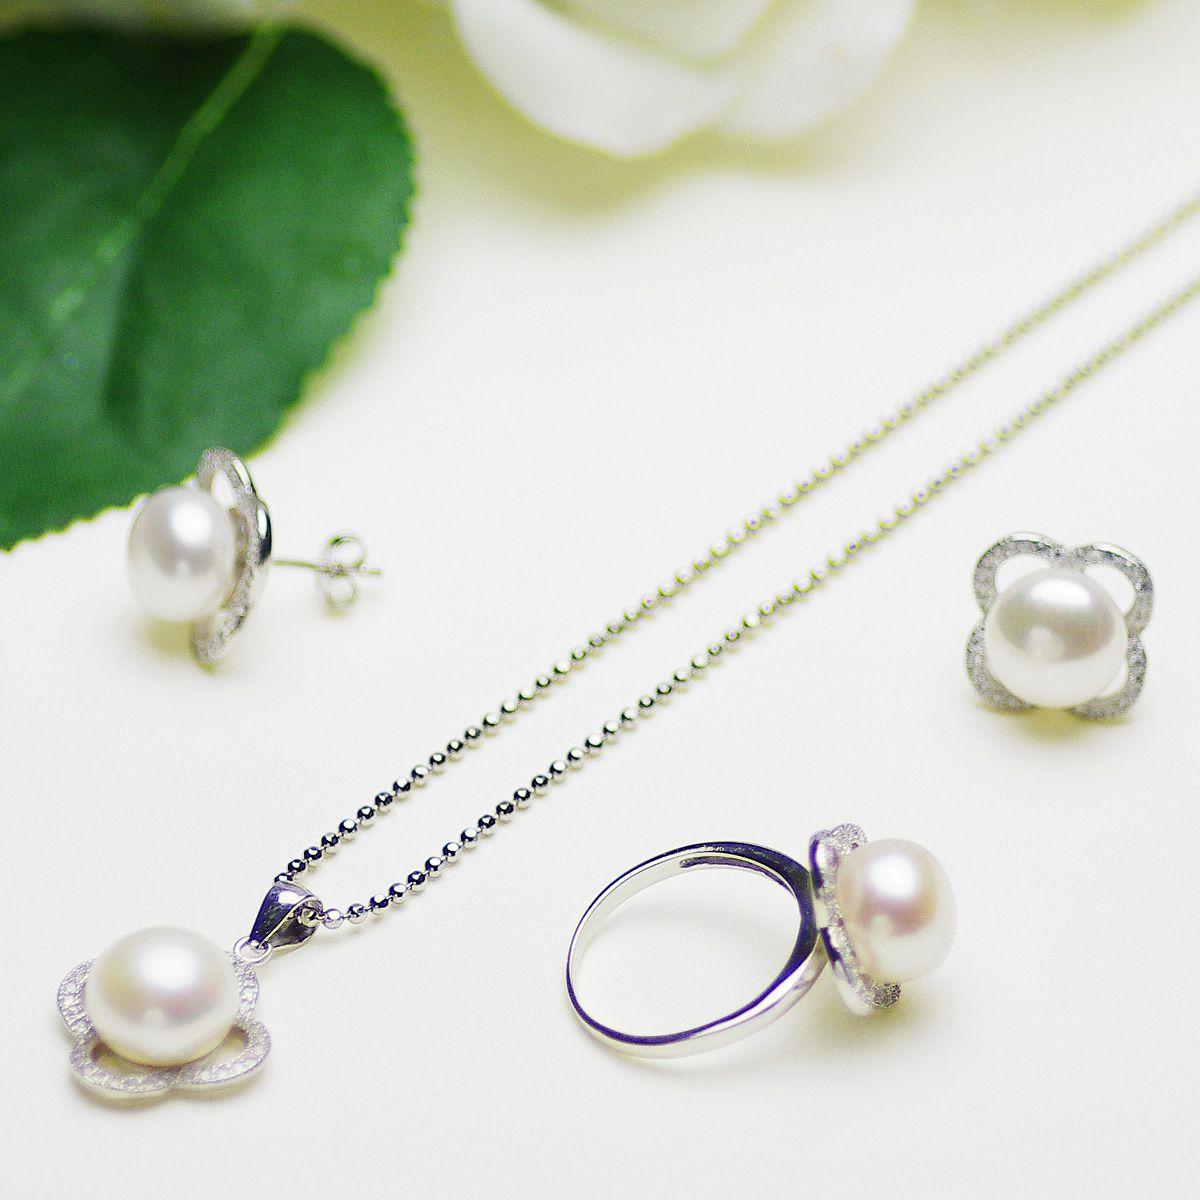 高級淡水真珠 パール ペンダント 約10.5mm シンチュウ 合金 ボタン 母の日 真珠 パール 母の日 ギフト プレゼントの写真